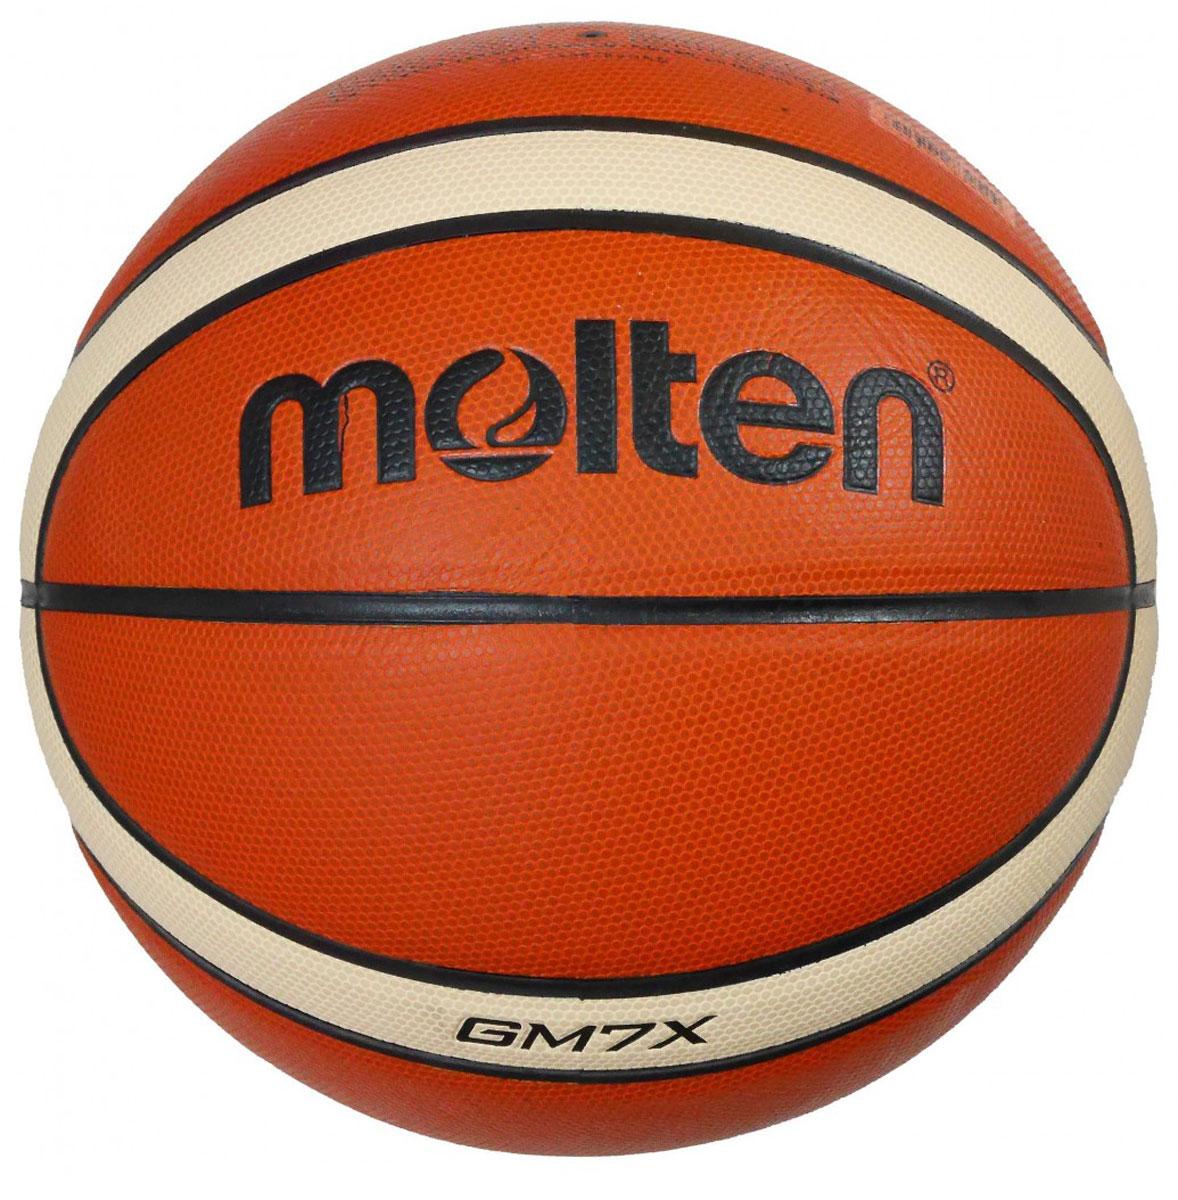 Мяч баскетбольный Molten. Размер 7. BGM7XBGM7XПрофессиональный баскетбольный мяч, созданный Molten совместно с FIBA, является официальным мячом чемпионата EuroBasket 2015. Мяч обладает великолепными техническими и игровыми характеристиками: Мяч состоит из 12 панелей, выполненных из натуральной кожи премиум класса, благодаря чему обладает высокими износостойкими характеристиками. Специальная конструкция и вспененная система, а также параллельные плоские «пупырышки» обеспечивают ощущение однородности и отличные стабильность, контроль как при подборе мяча, так и в других игровых ситуациях. Мяч обладает большей контактной поверхностью и шероховатостью, что обеспечивает отличное сцепление и удобство для игрока. Мячи из натуральной кожи являются самыми прочными. Обеспечивают лучшие игровые характеристики. Мяч отбивается во время тренировок. Поверхность мяча приобретает улучшенные тактильные свойства по сравнению с поверхностью мячей из других материалов.